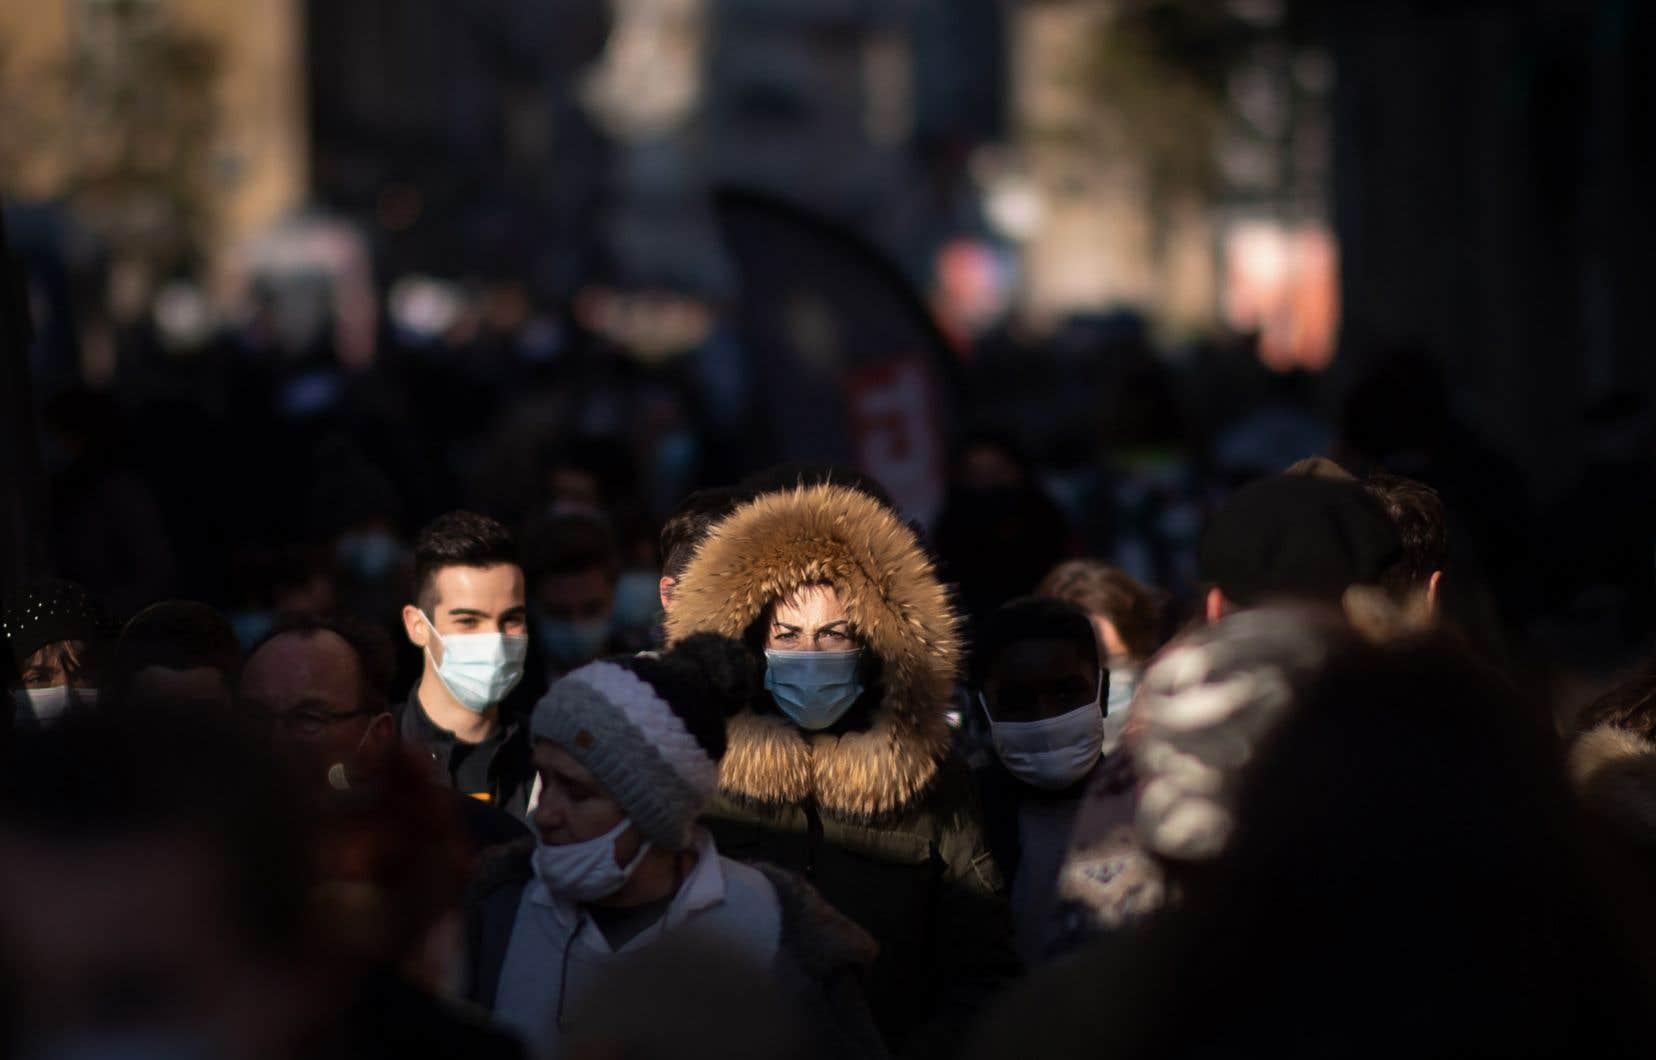 Les semaines à venir constitueront «la phase la plus dure de la pandémie» avec un personnel médical travaillant au maximum de ses capacités, a prévenu Angela Merkel.